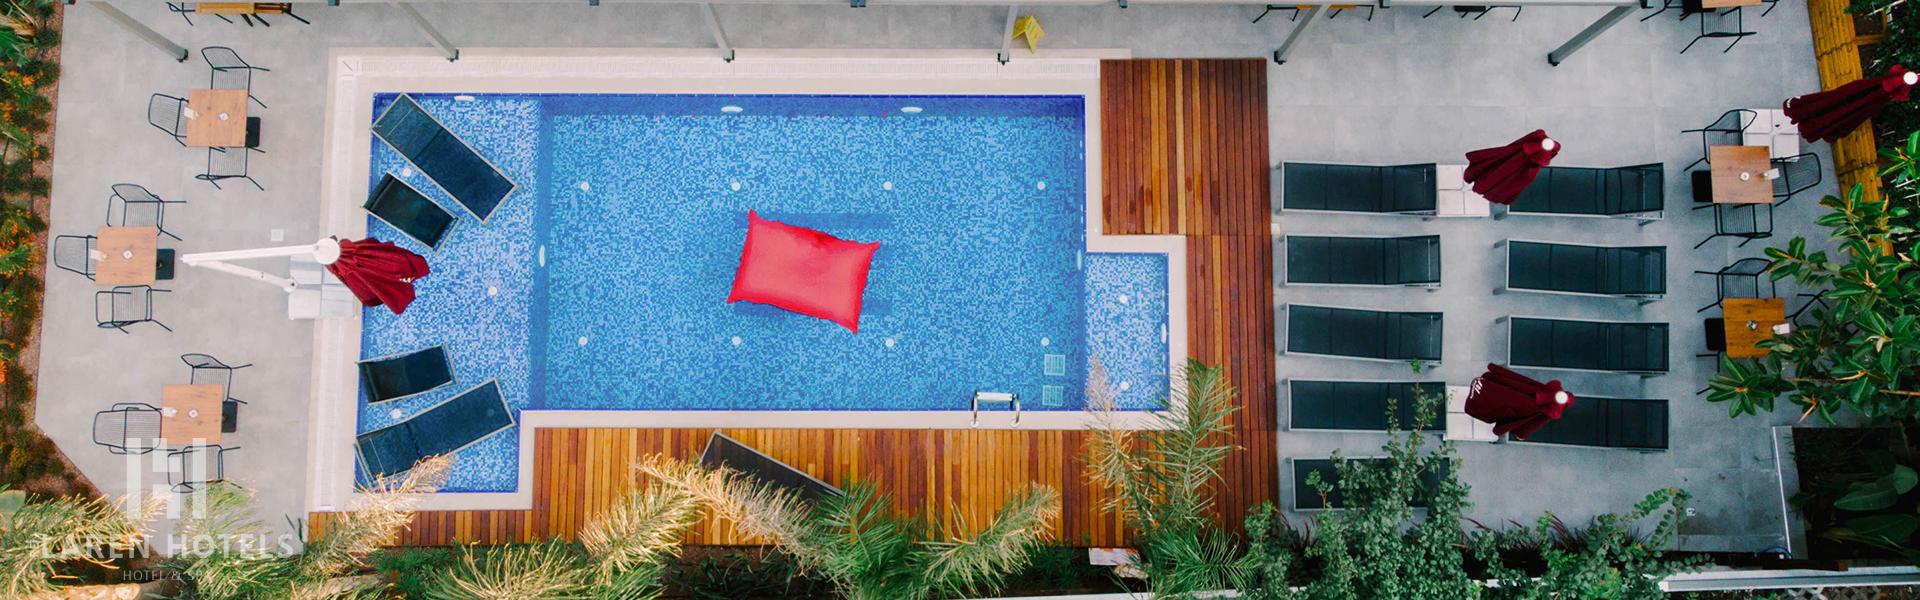 Laren Hotel Slide